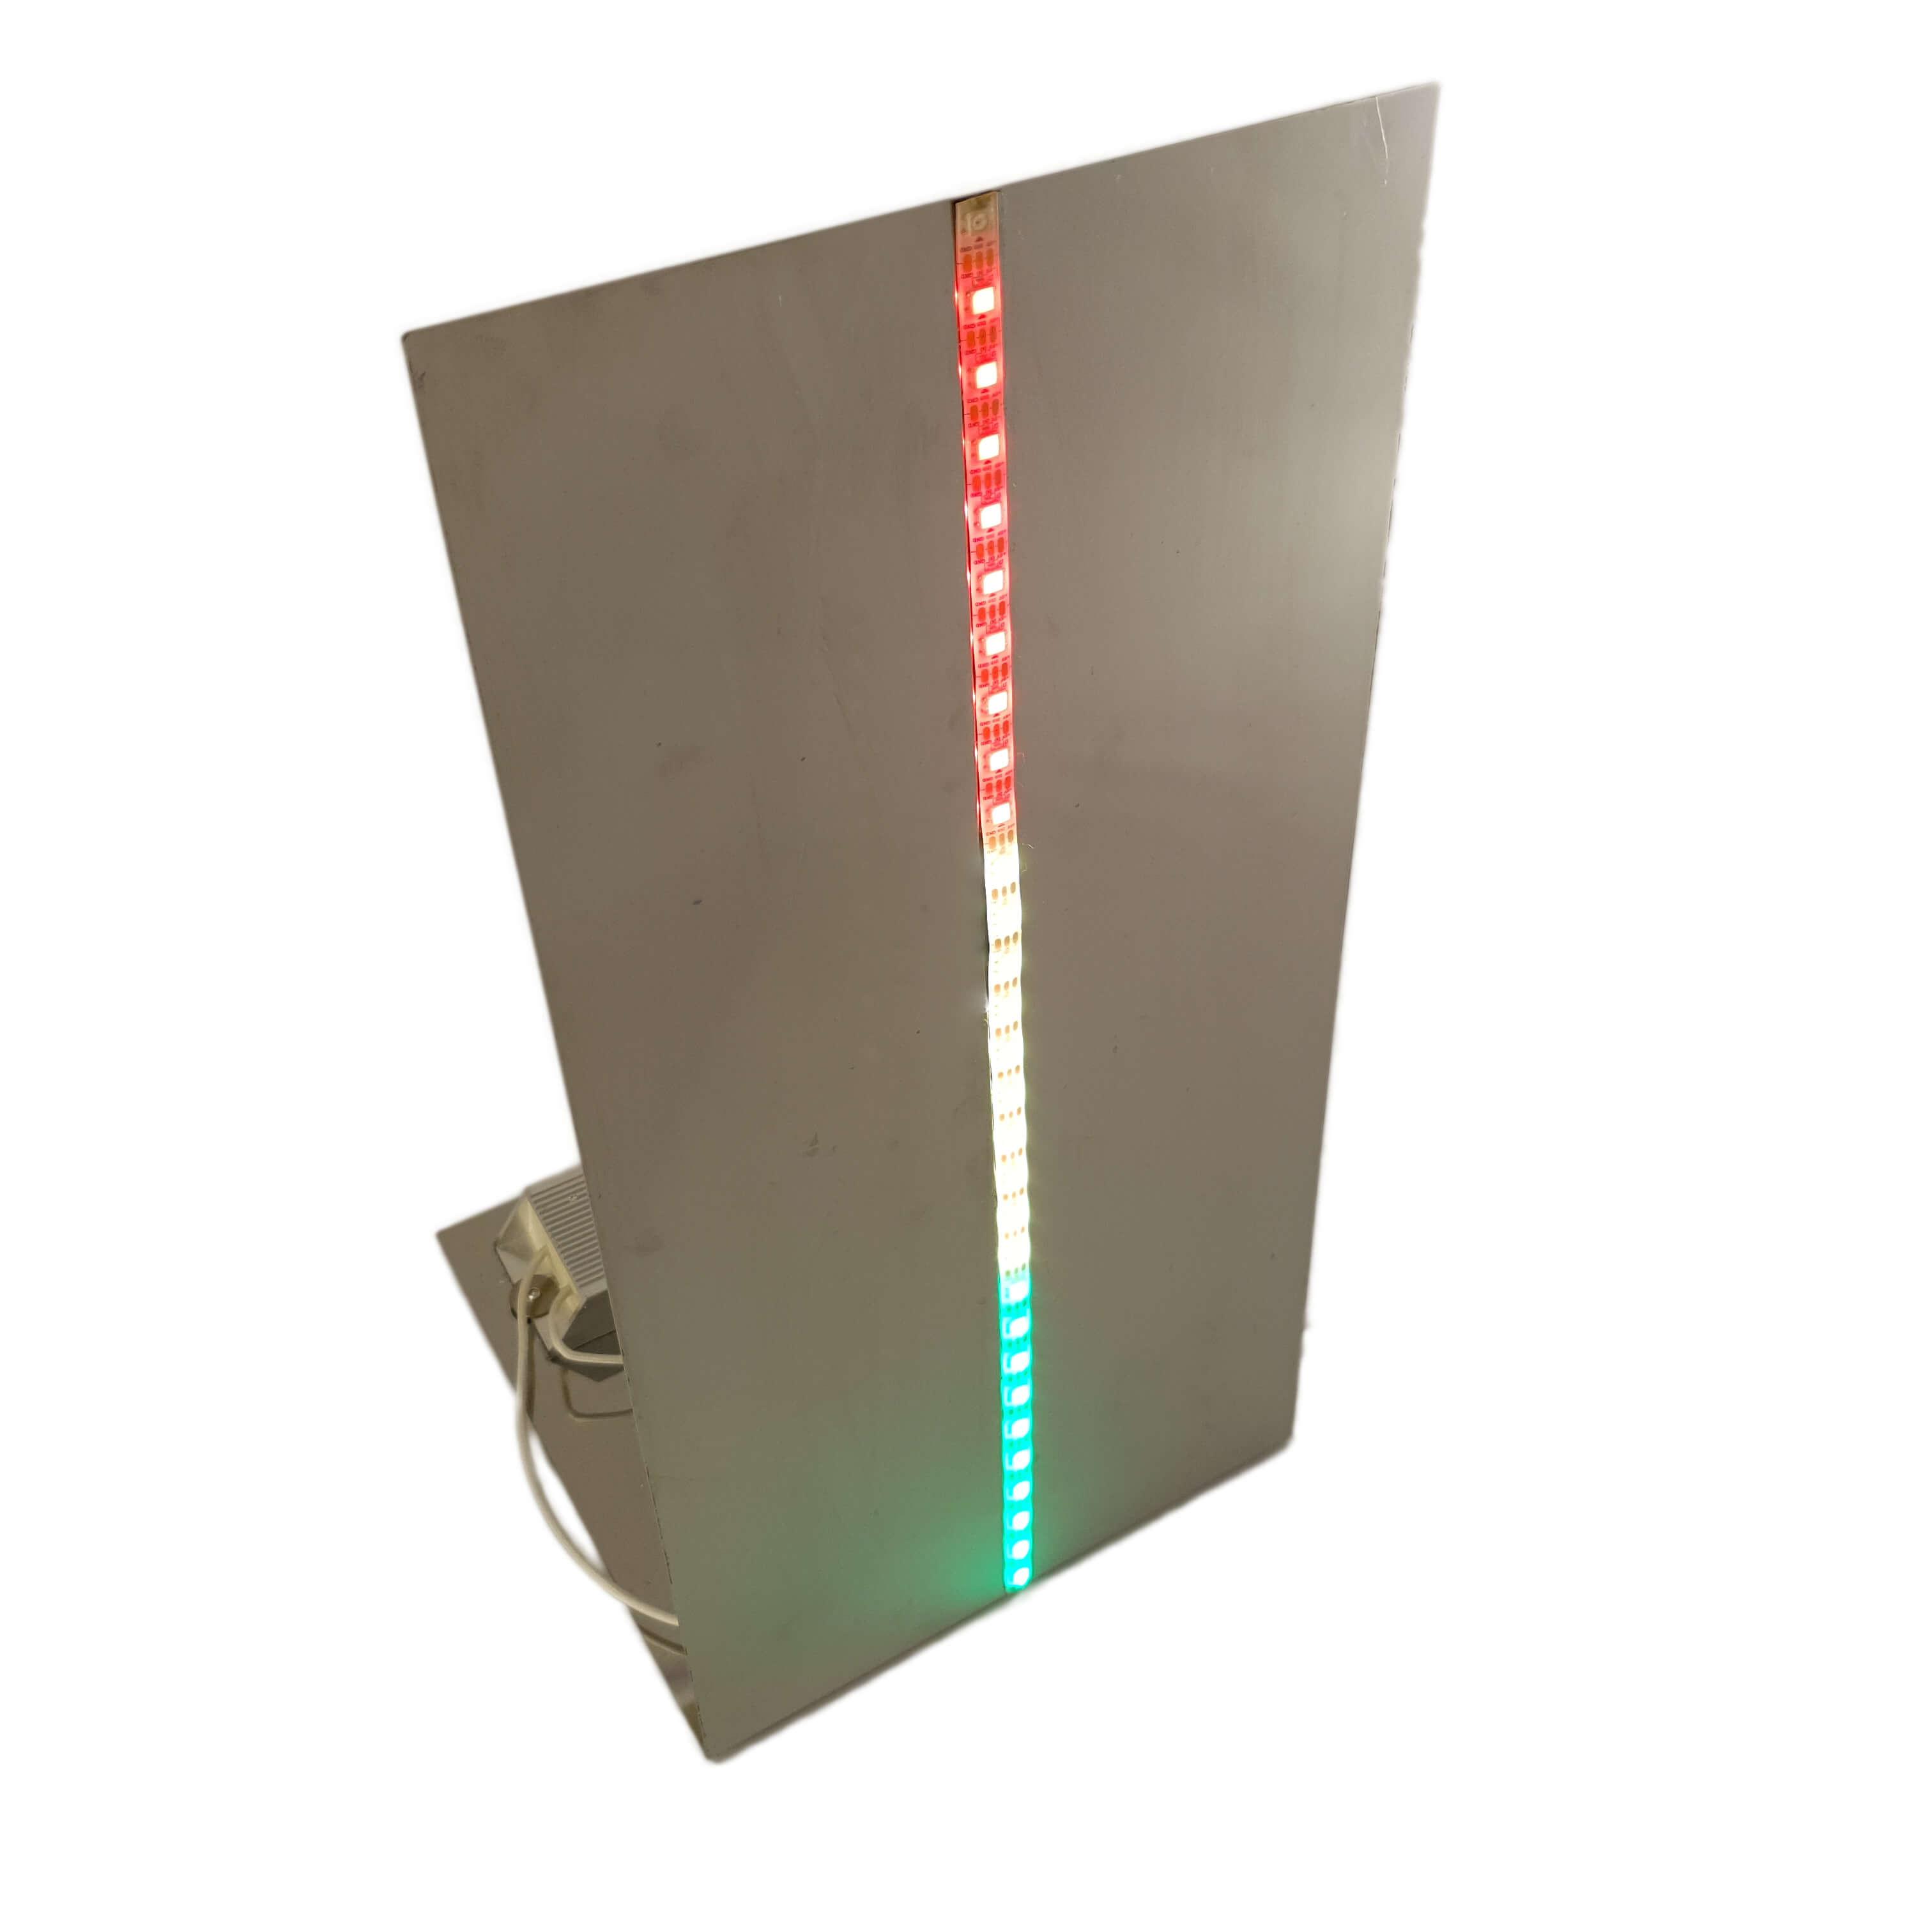 Der Tret-den-Lukas spielt auf eine Jahrmarktattraktion, den Hau-Den-Lukas an. Die Leistung wird über einen Widerstand abgenommen und über 30 LEDs visualisiert.